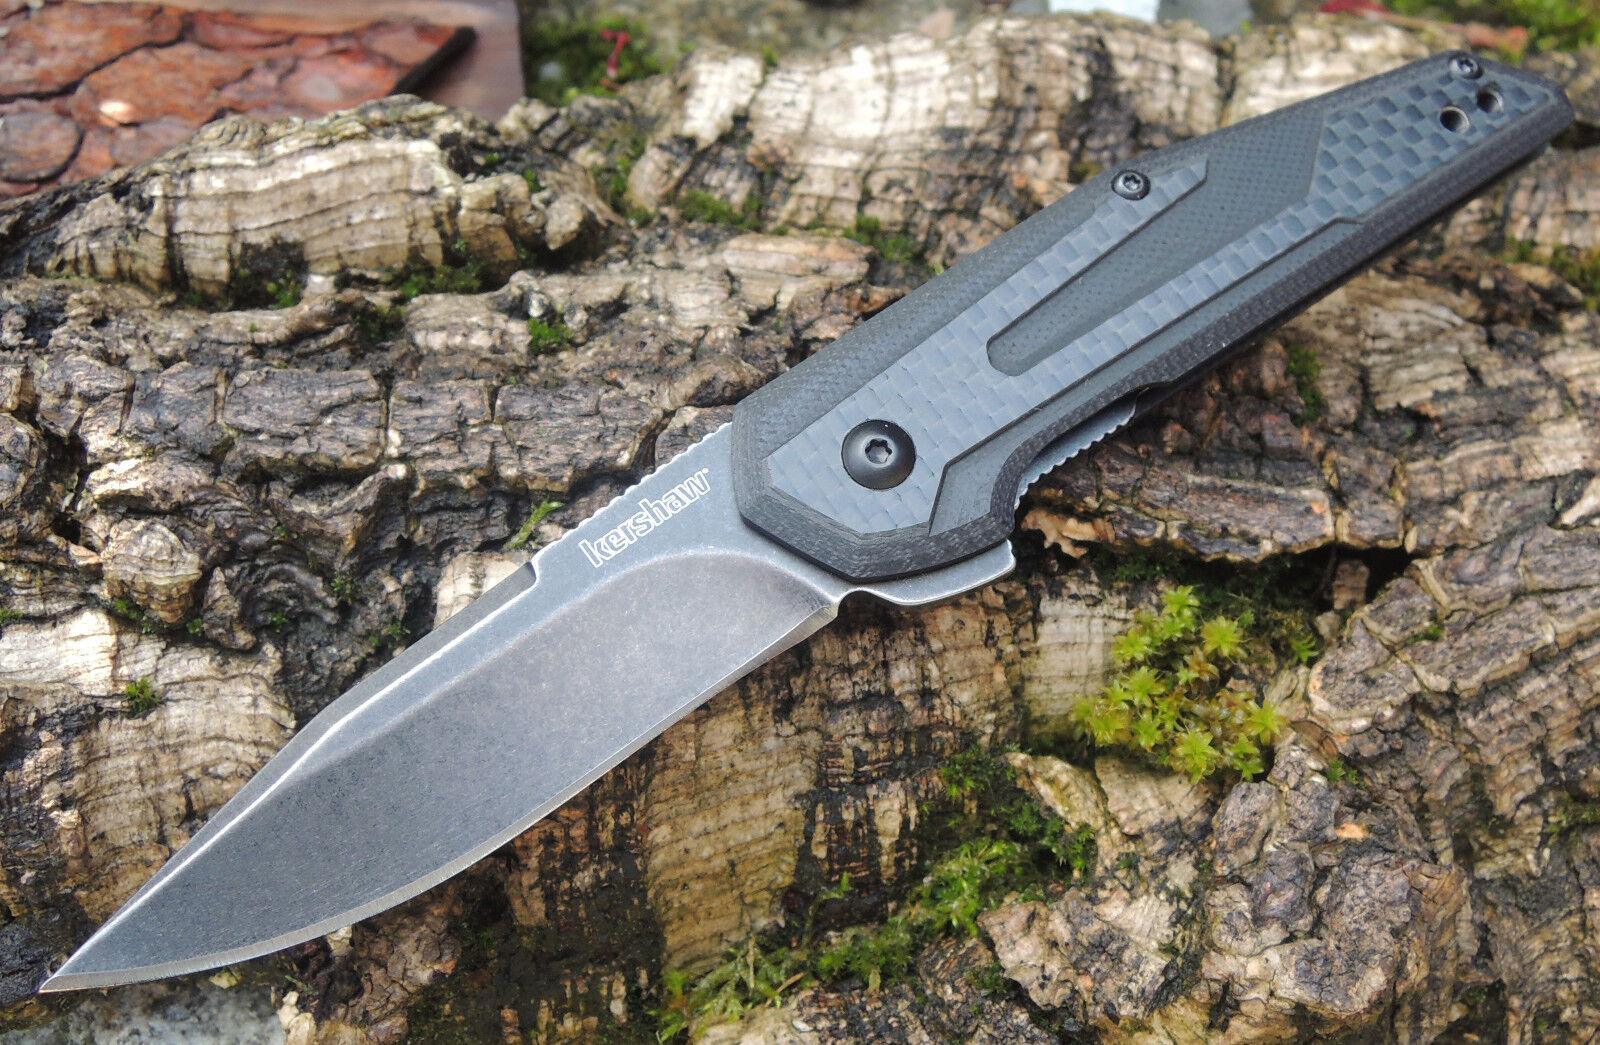 Kershaw Messer FRAXION Taschenmesser 8Cr13MoV Stahl G10 mit Kohlefaserauflage